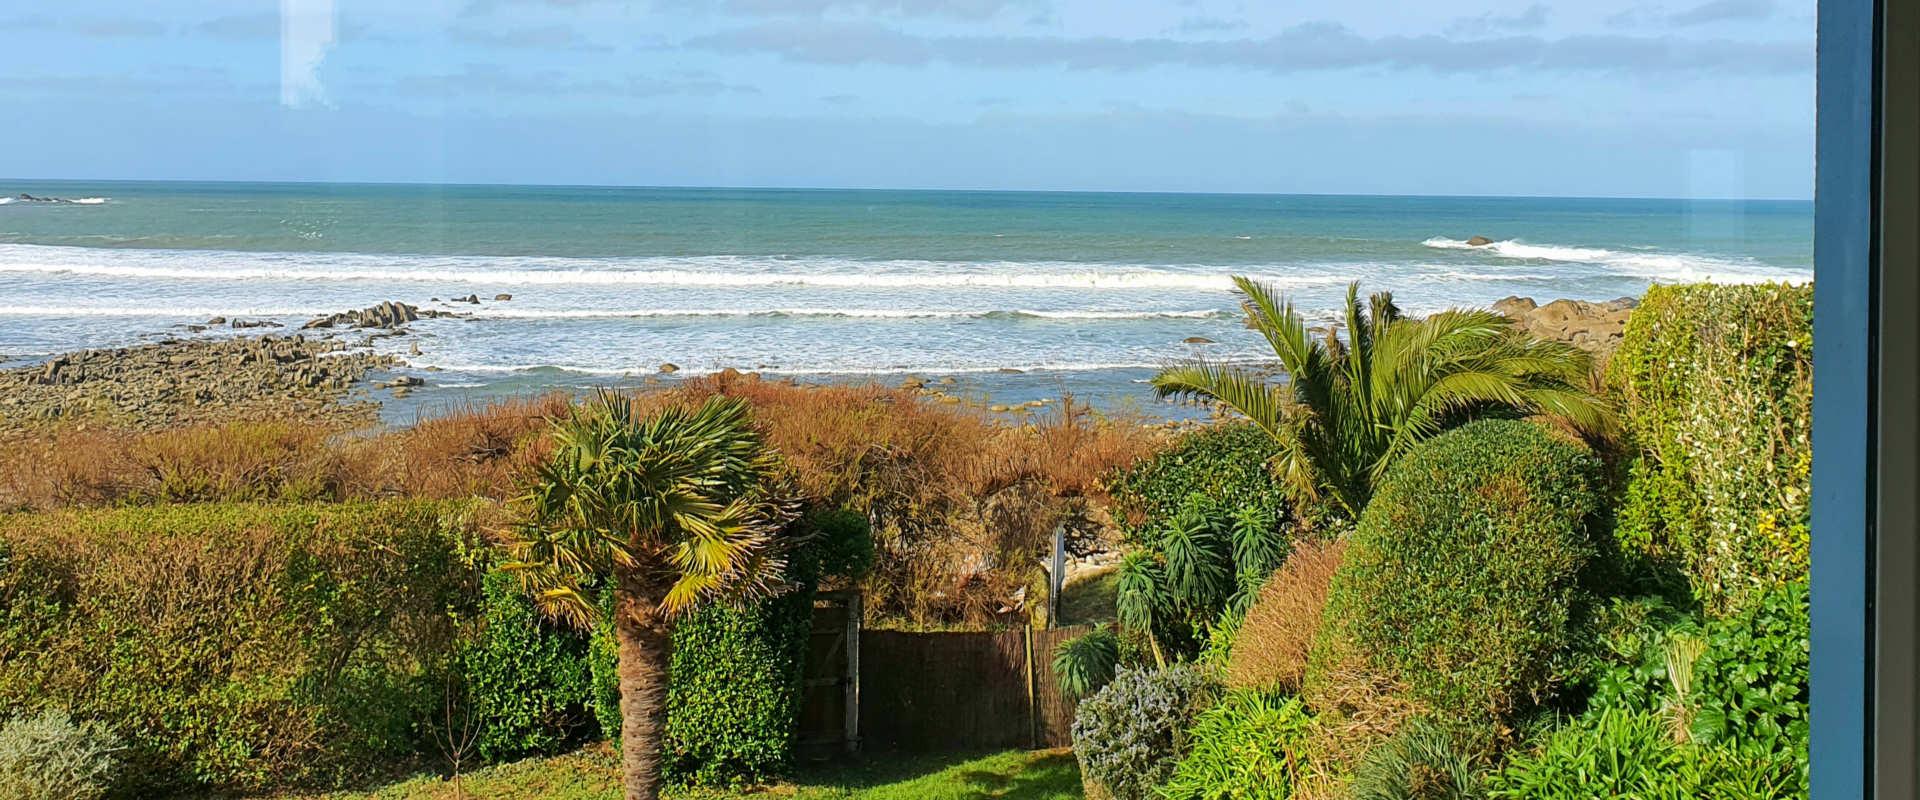 le-surfeur7-mer-vu-salon.jpg.jpg